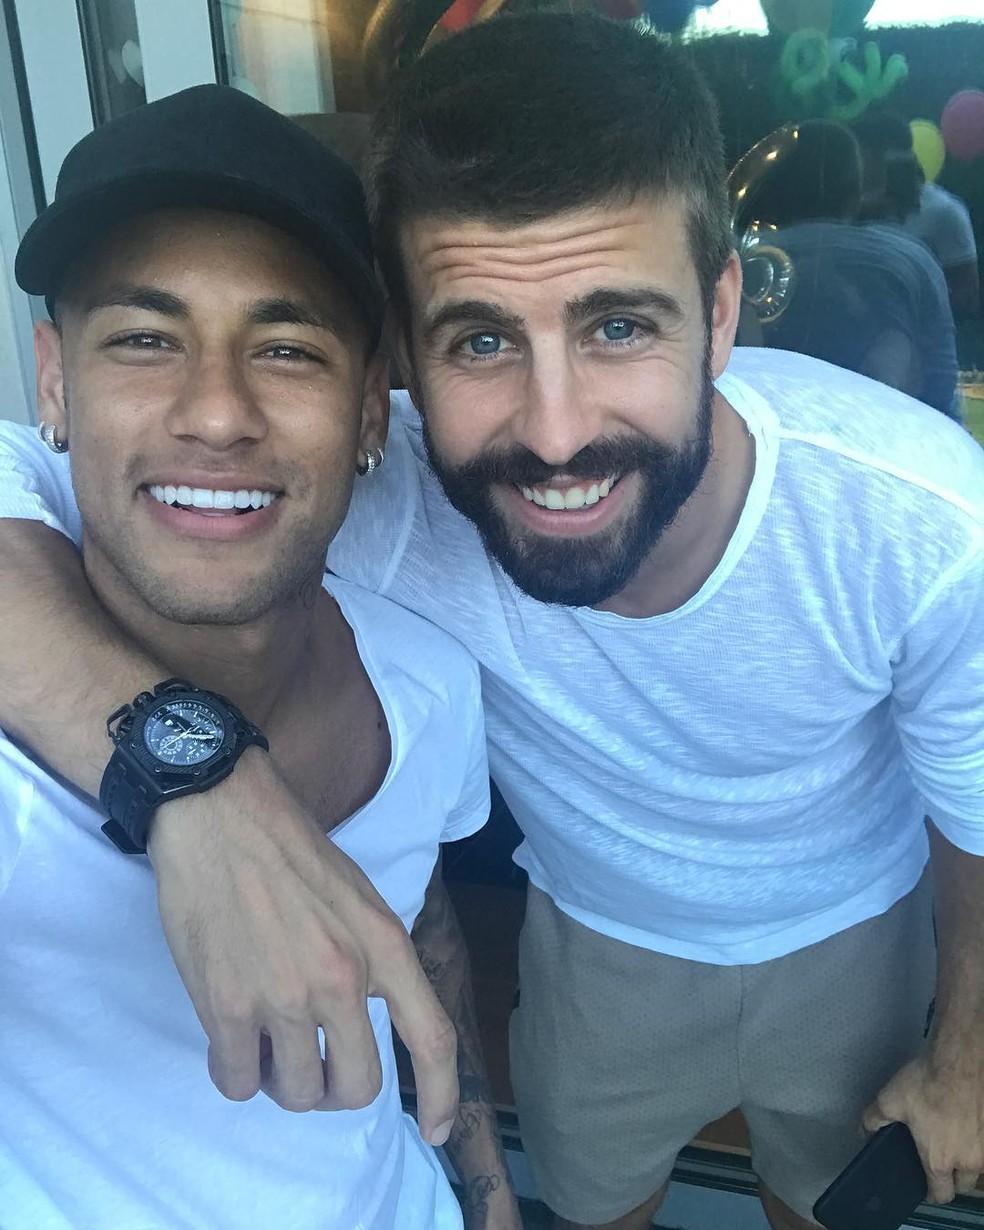 Piqué deixa claro que tem ótima relação com o atacante Neymar (Foto: Reprodução / Instagram)